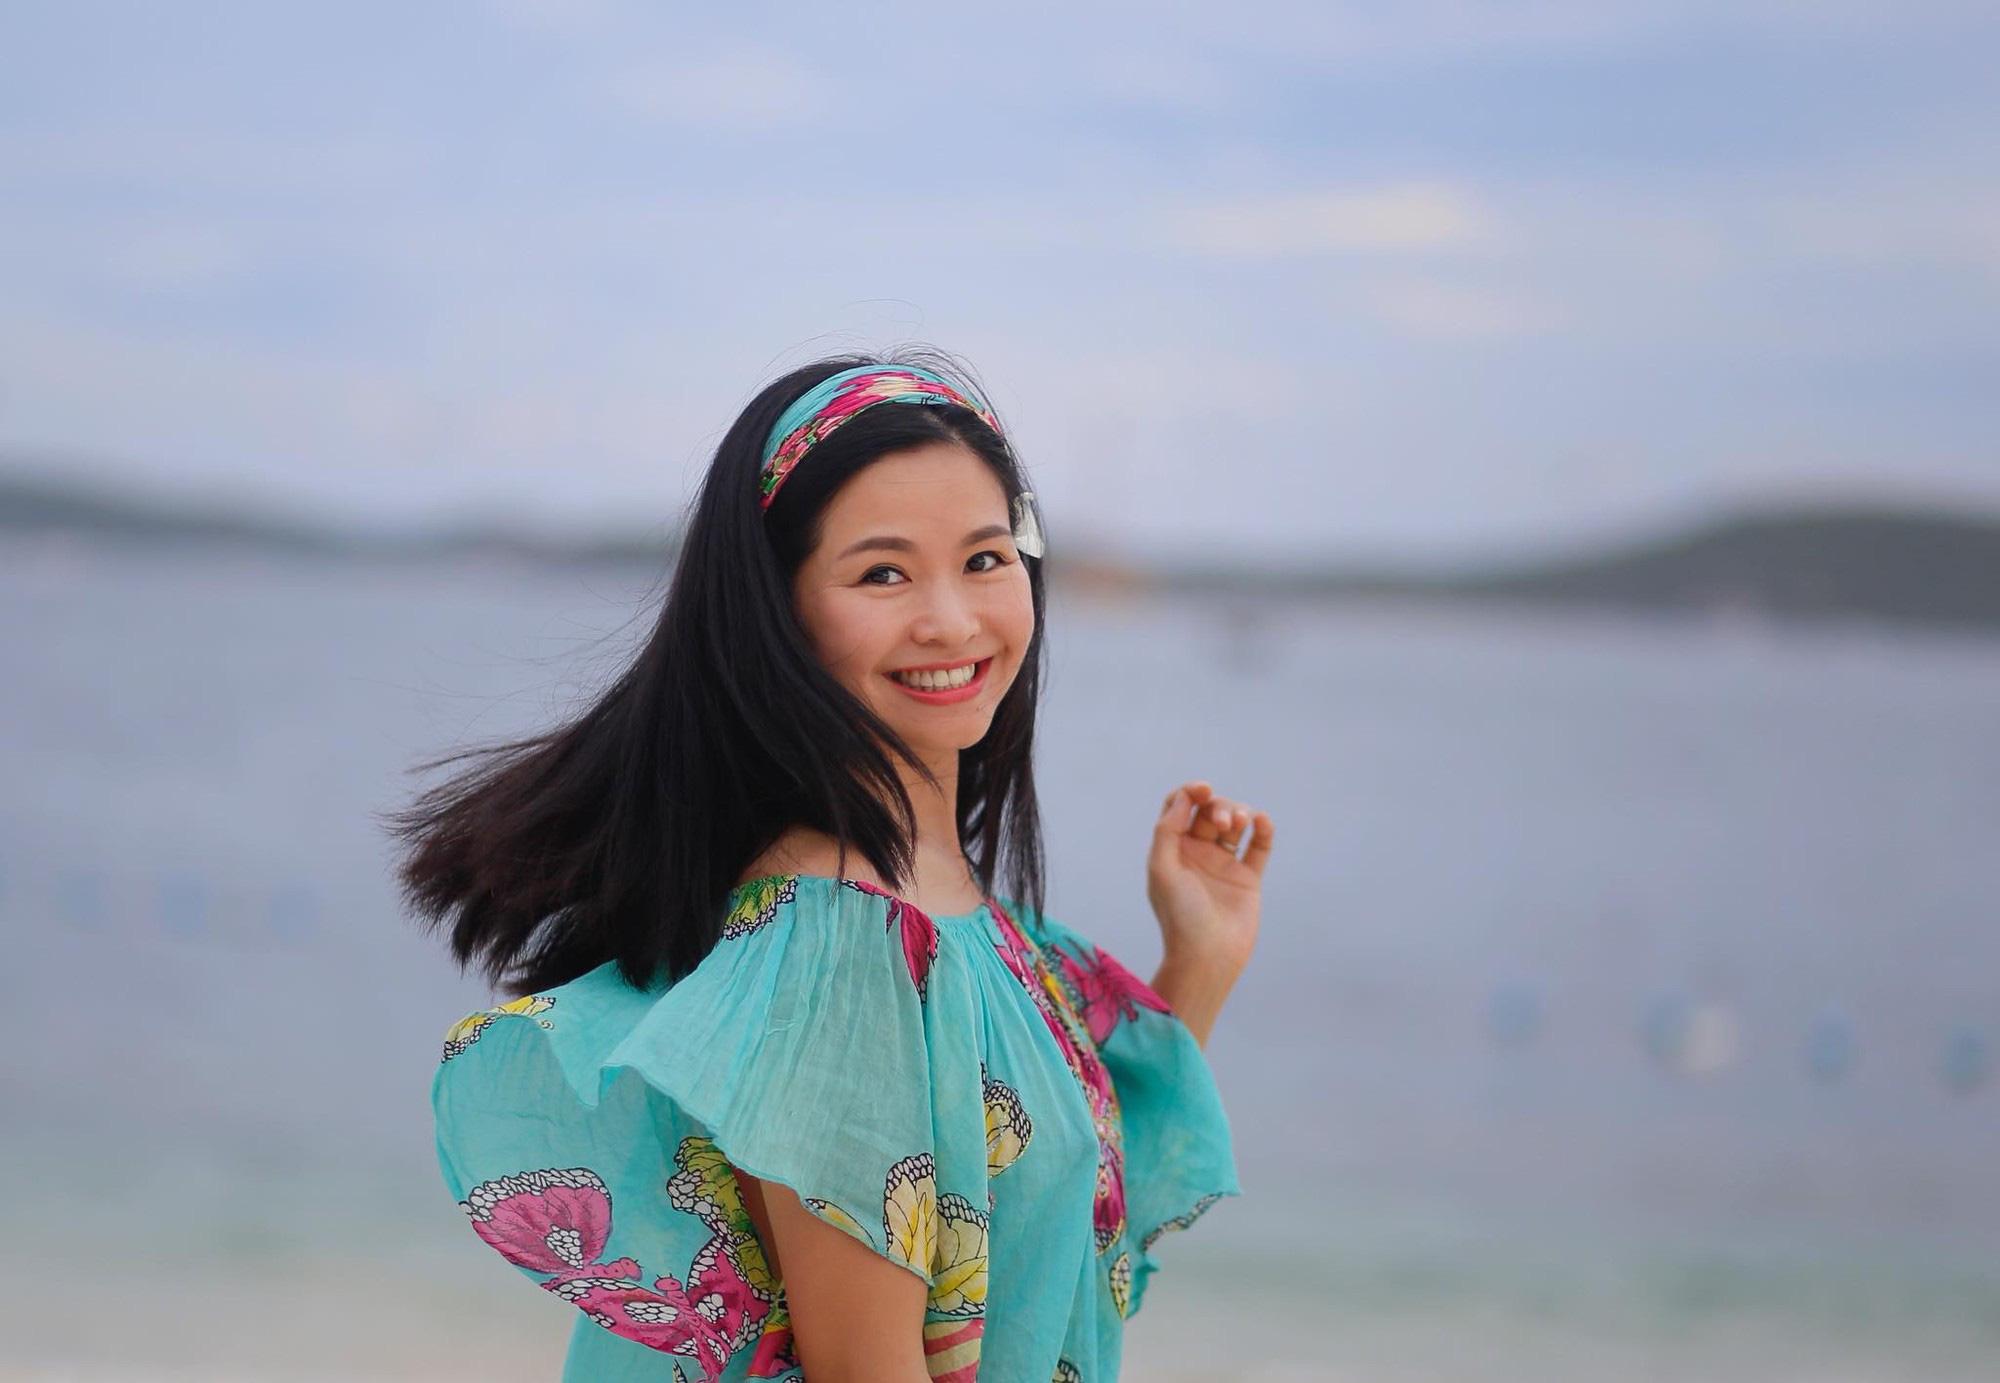 Nhan sắc xinh đẹp, không tuổi của vợ ông trùm phim truyền hình Đỗ Thanh Hải - Ảnh 2.